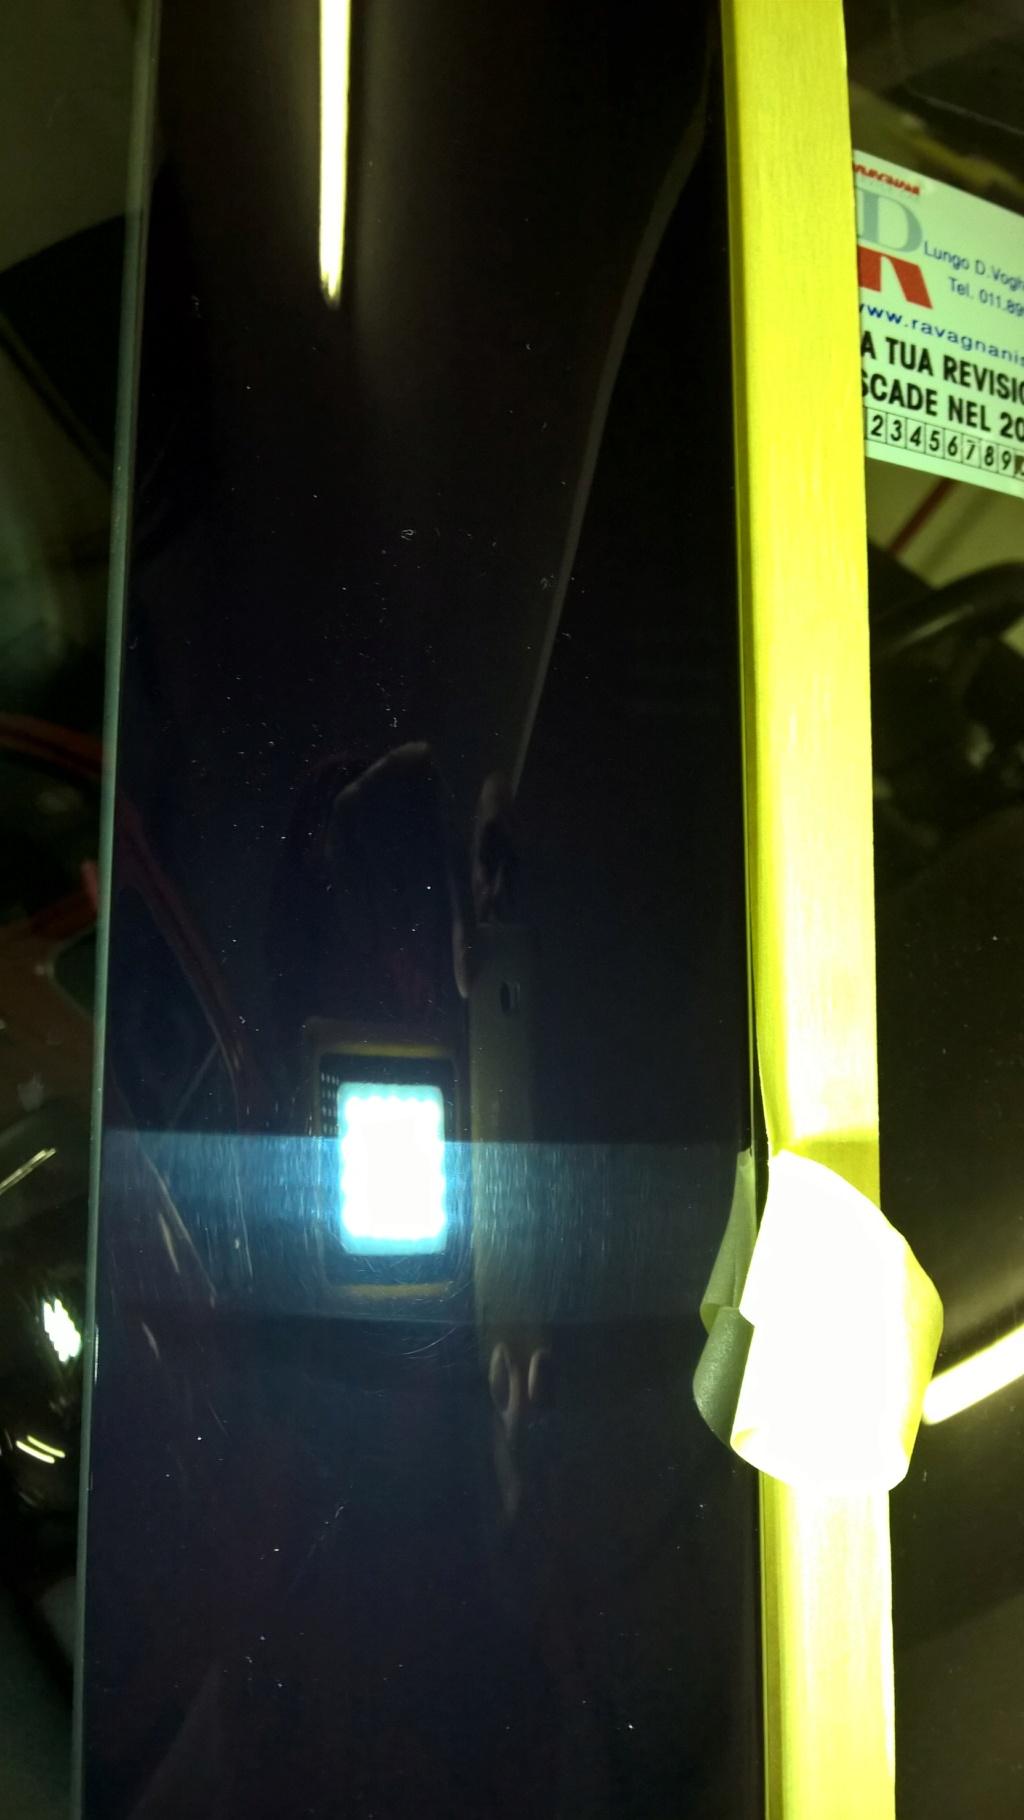 Plastiche nere tra finestrini Mini Wp_20116